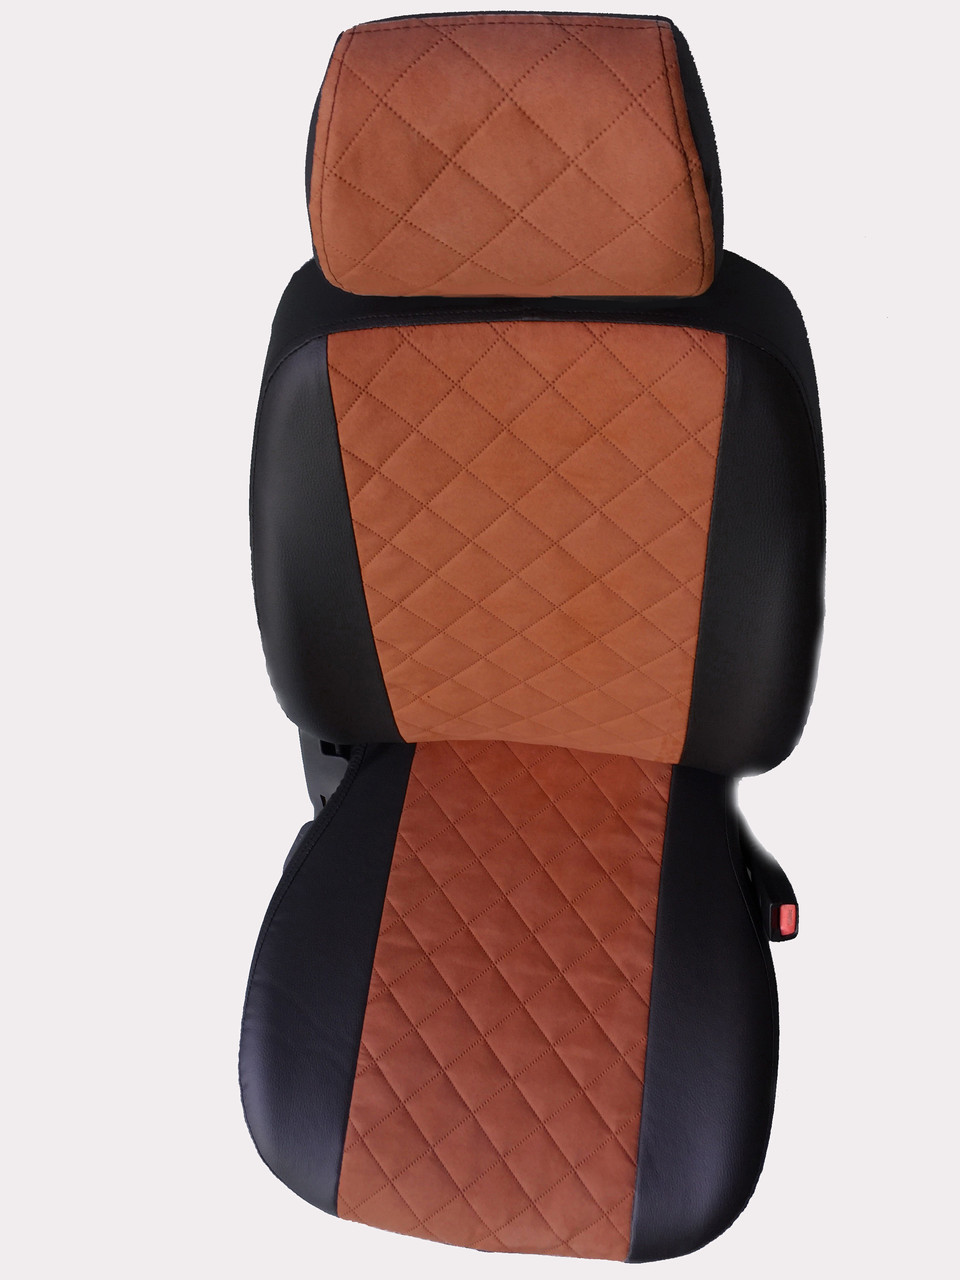 Чехлы на сиденья БМВ Е36 (BMW E36) (универсальные, экокожа+Алькантара, с отдельным подголовником)